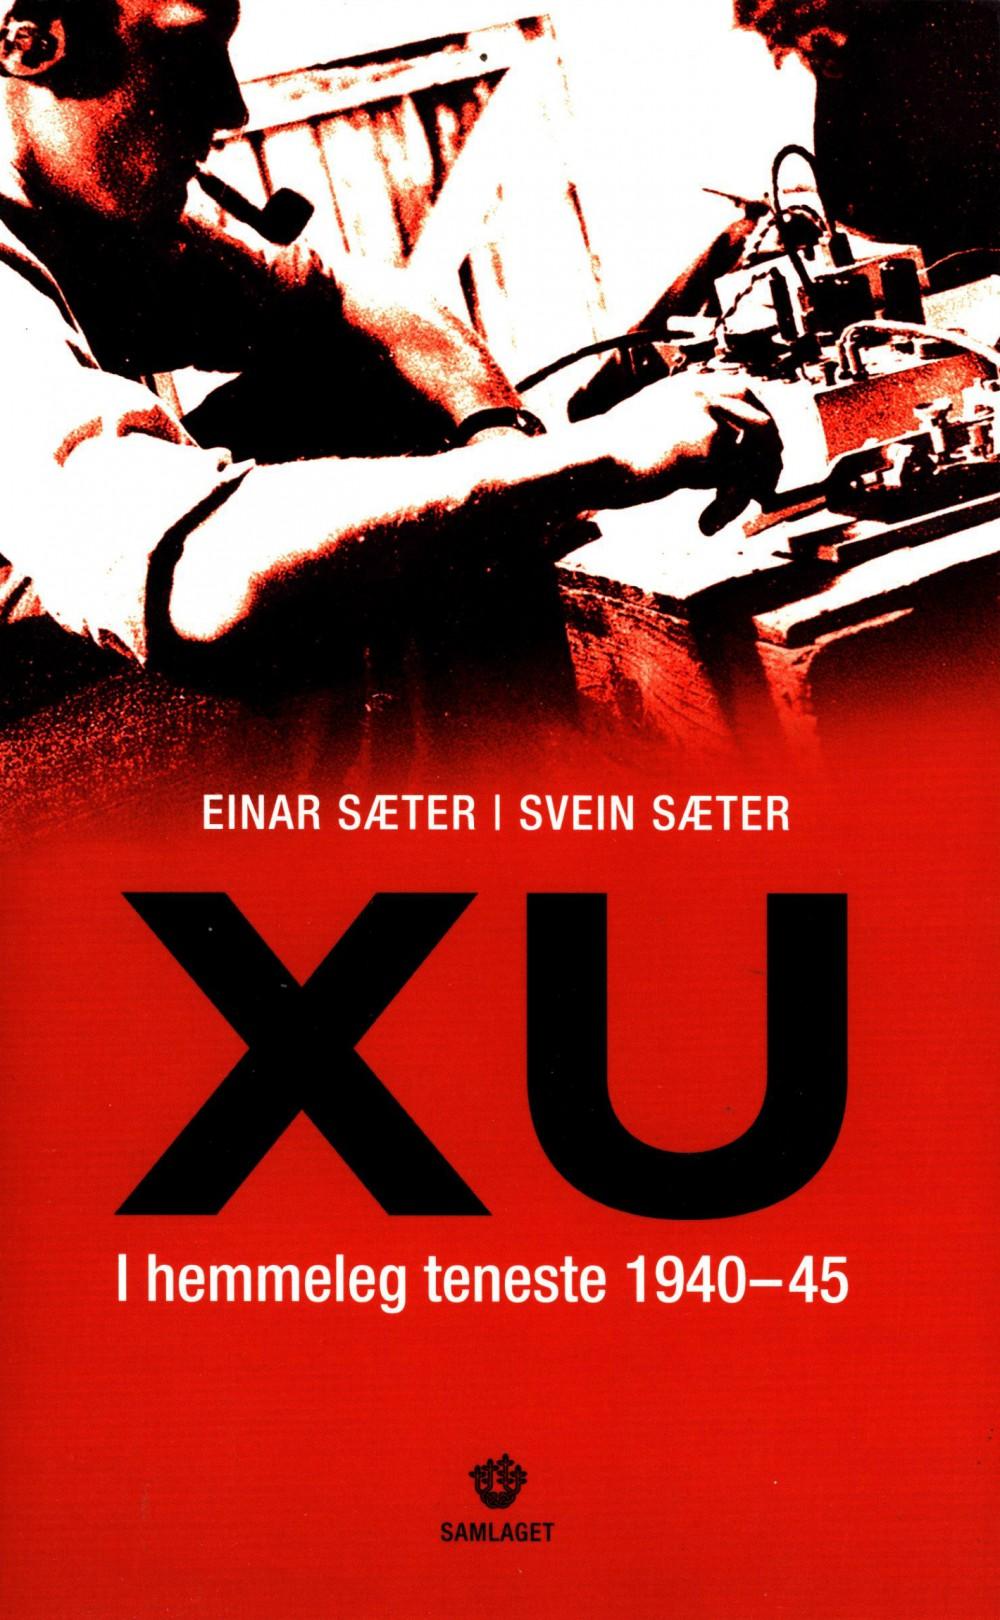 Einar Sæter, Svein Sæter: XU - I hemmeleg teneste 1940-45